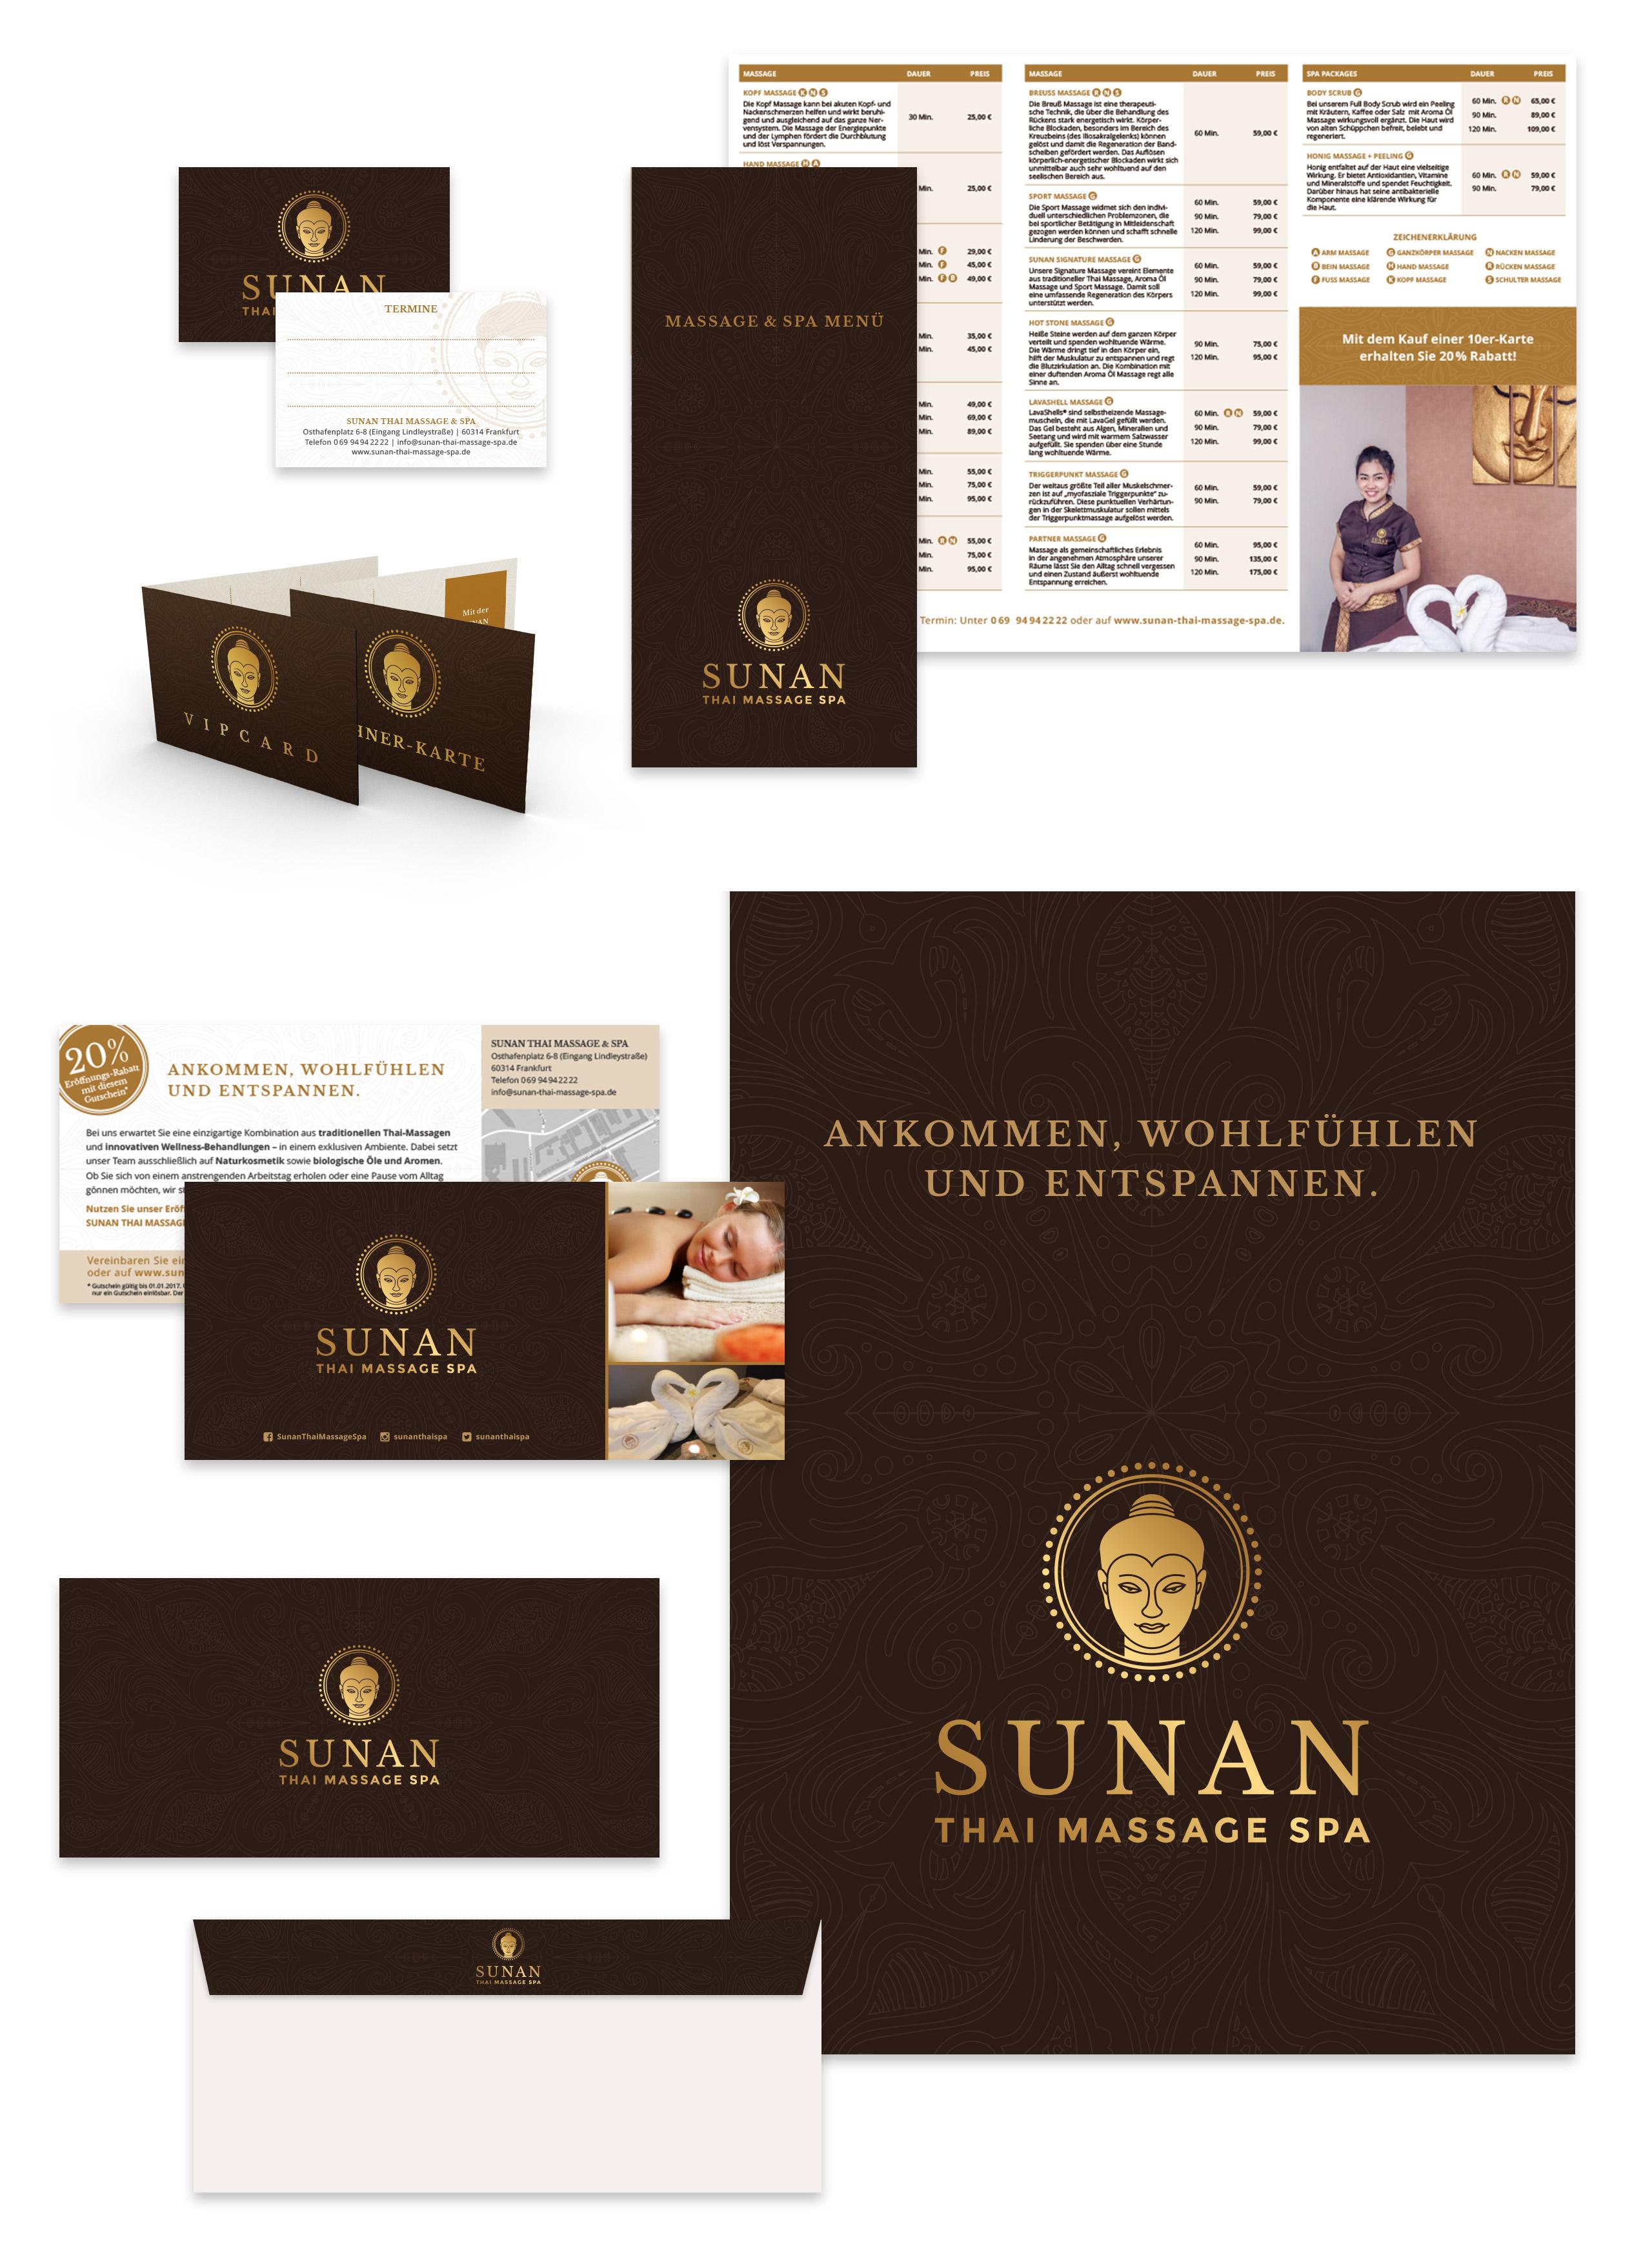 Drucksachen SUNAN Thai Massage 2